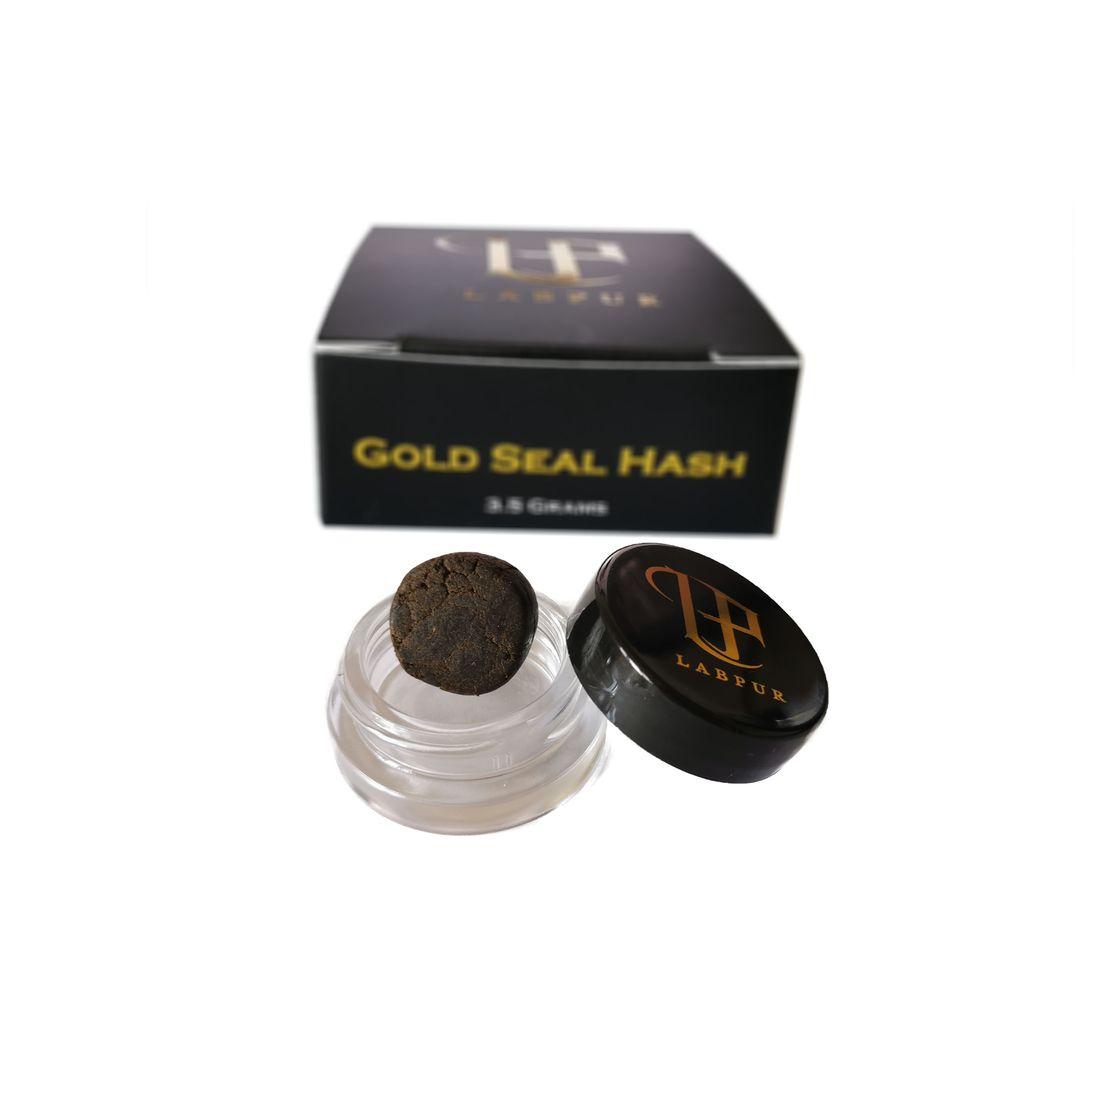 Gold Seal Hash - 3.5 Grams